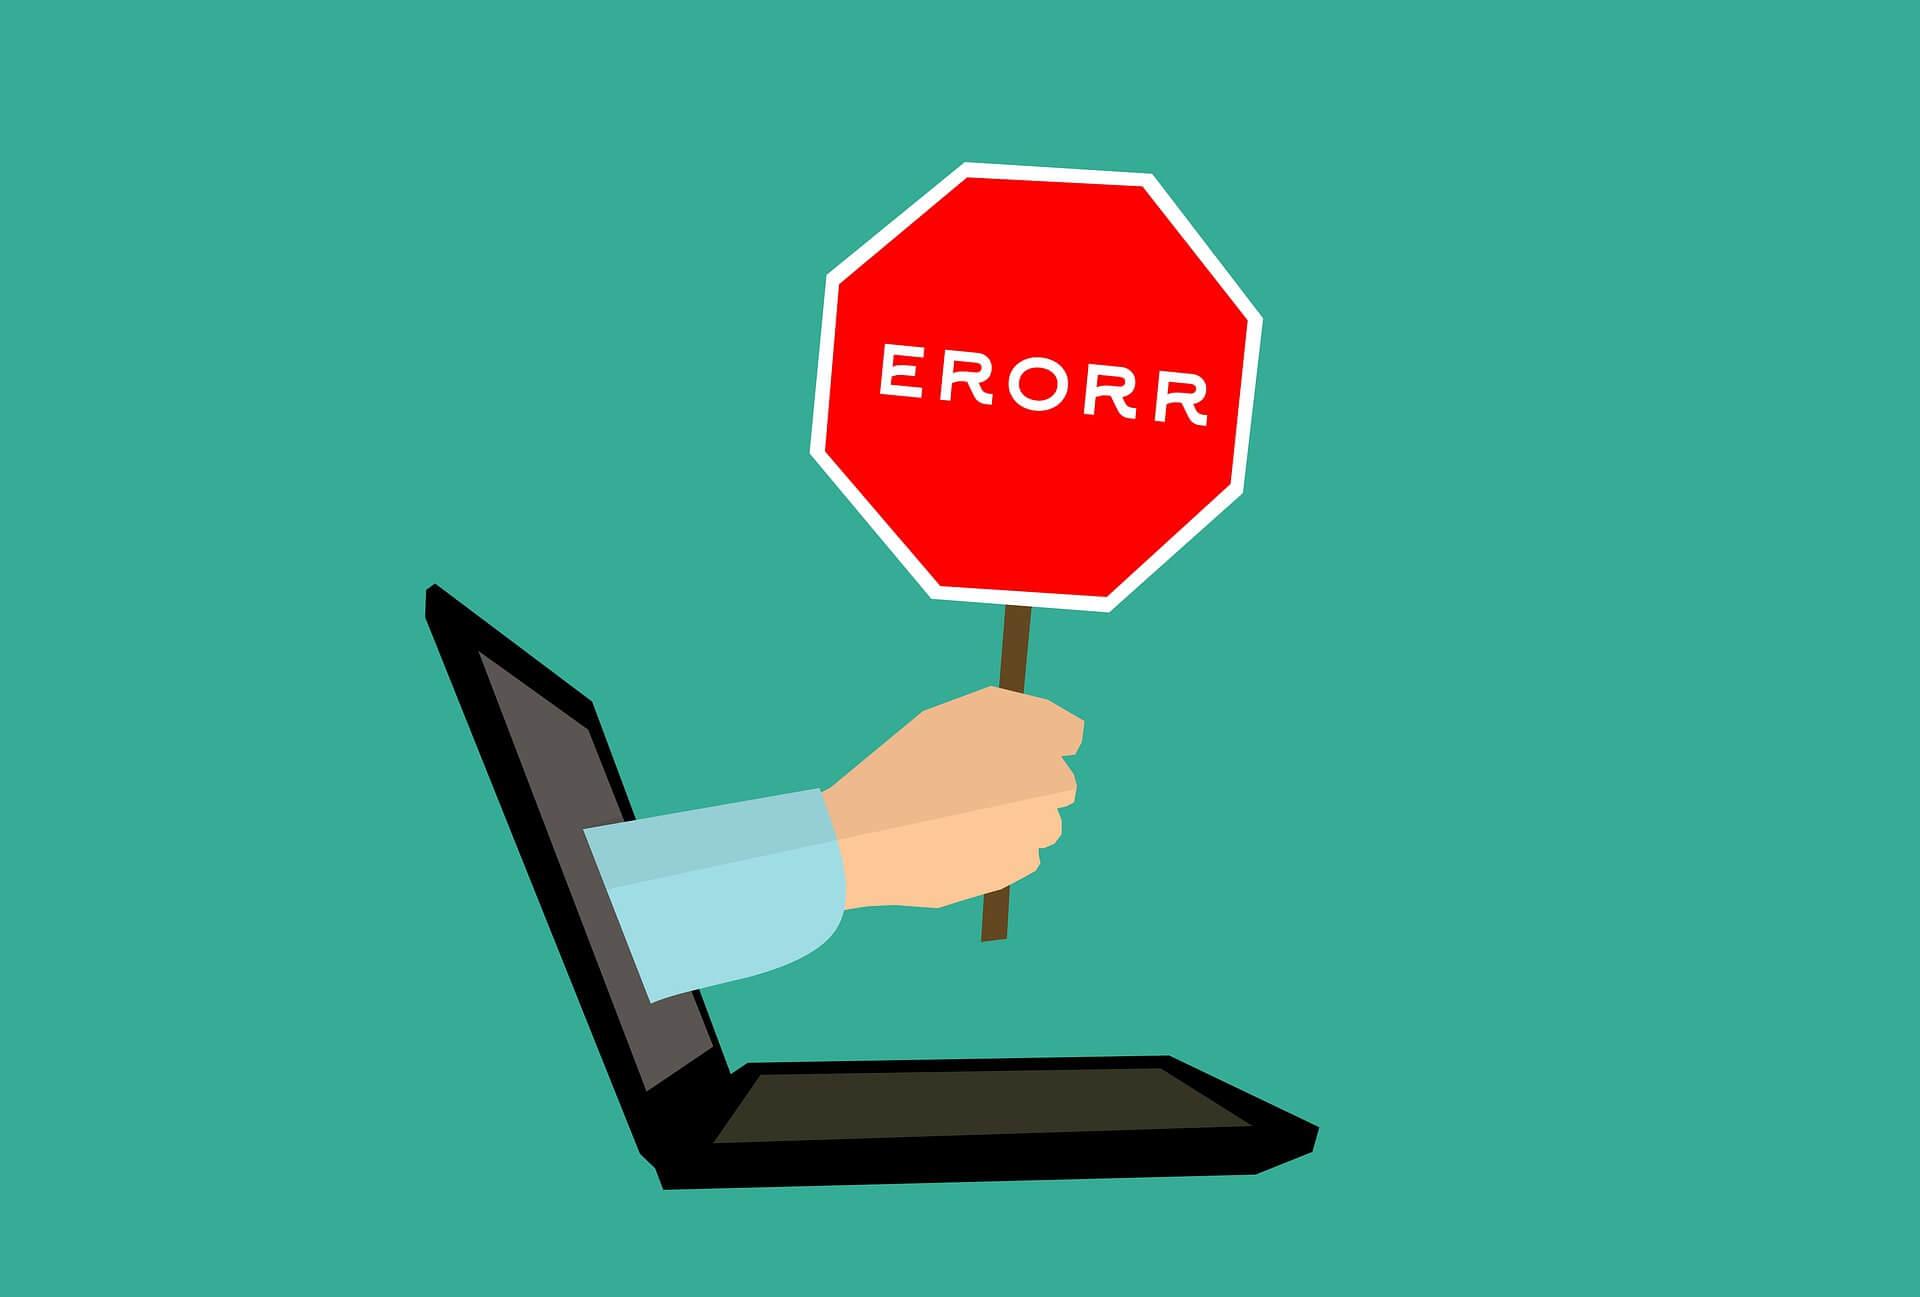 Al mometo de programar un ERP se debe ser cuidadoso con la información que se introduce, ya que al no colocar la información correcta, multiples errores se pueden sucitar.